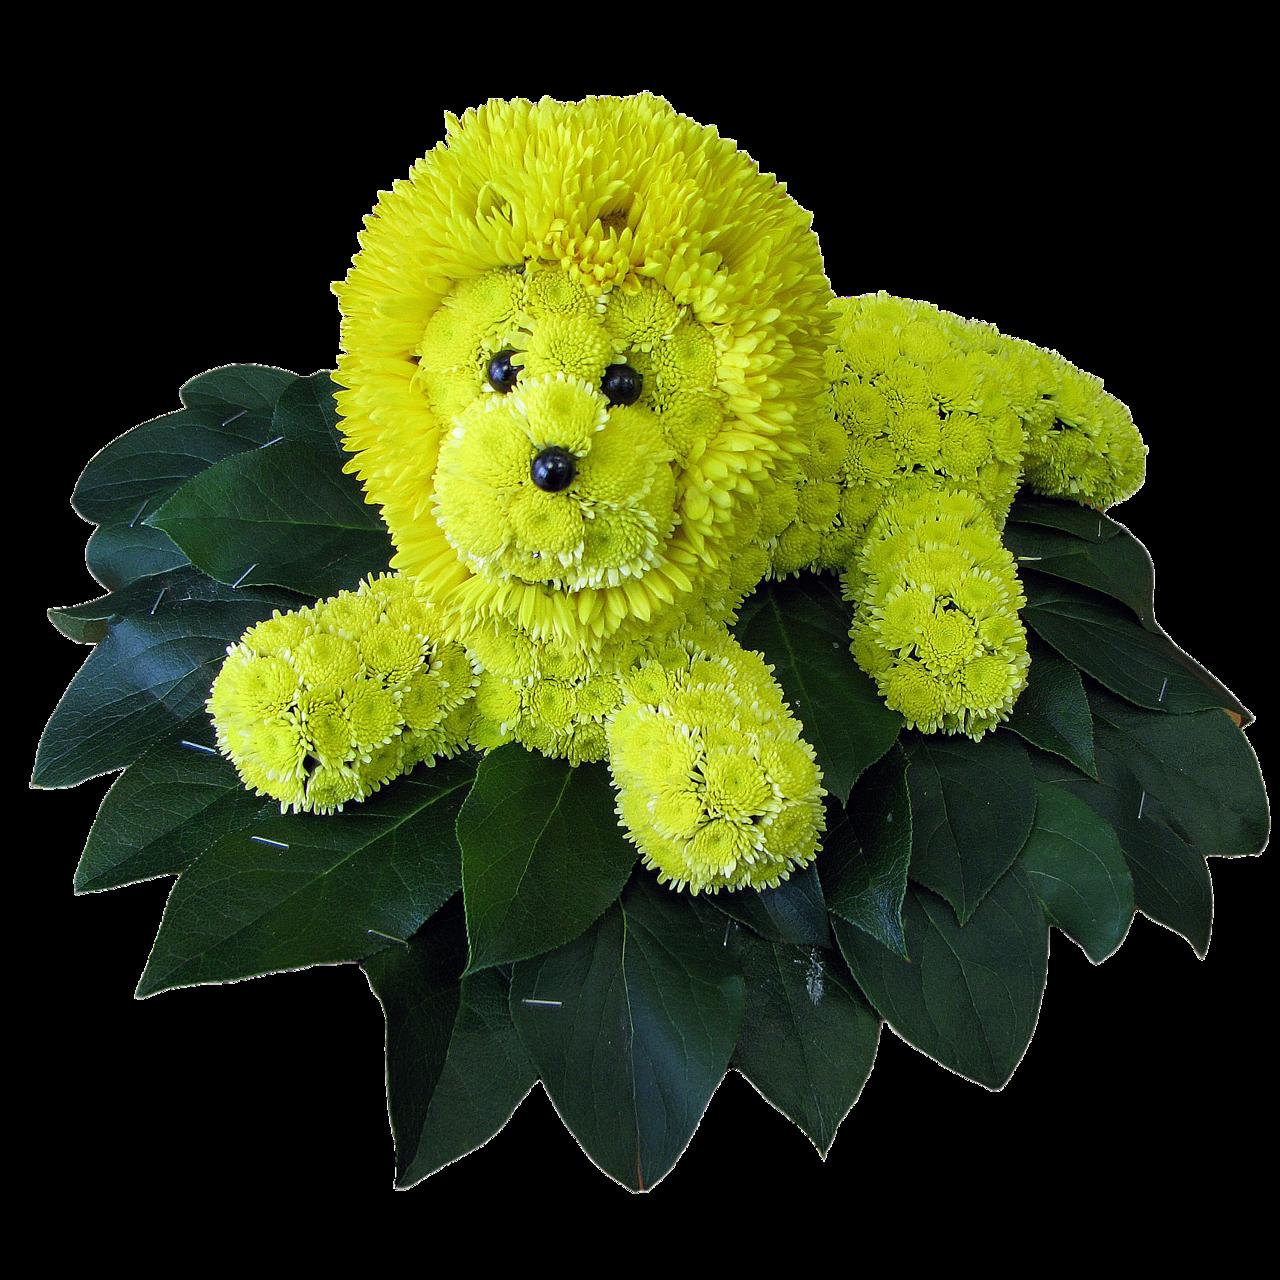 Открытки животные из цветов, цветы лилии